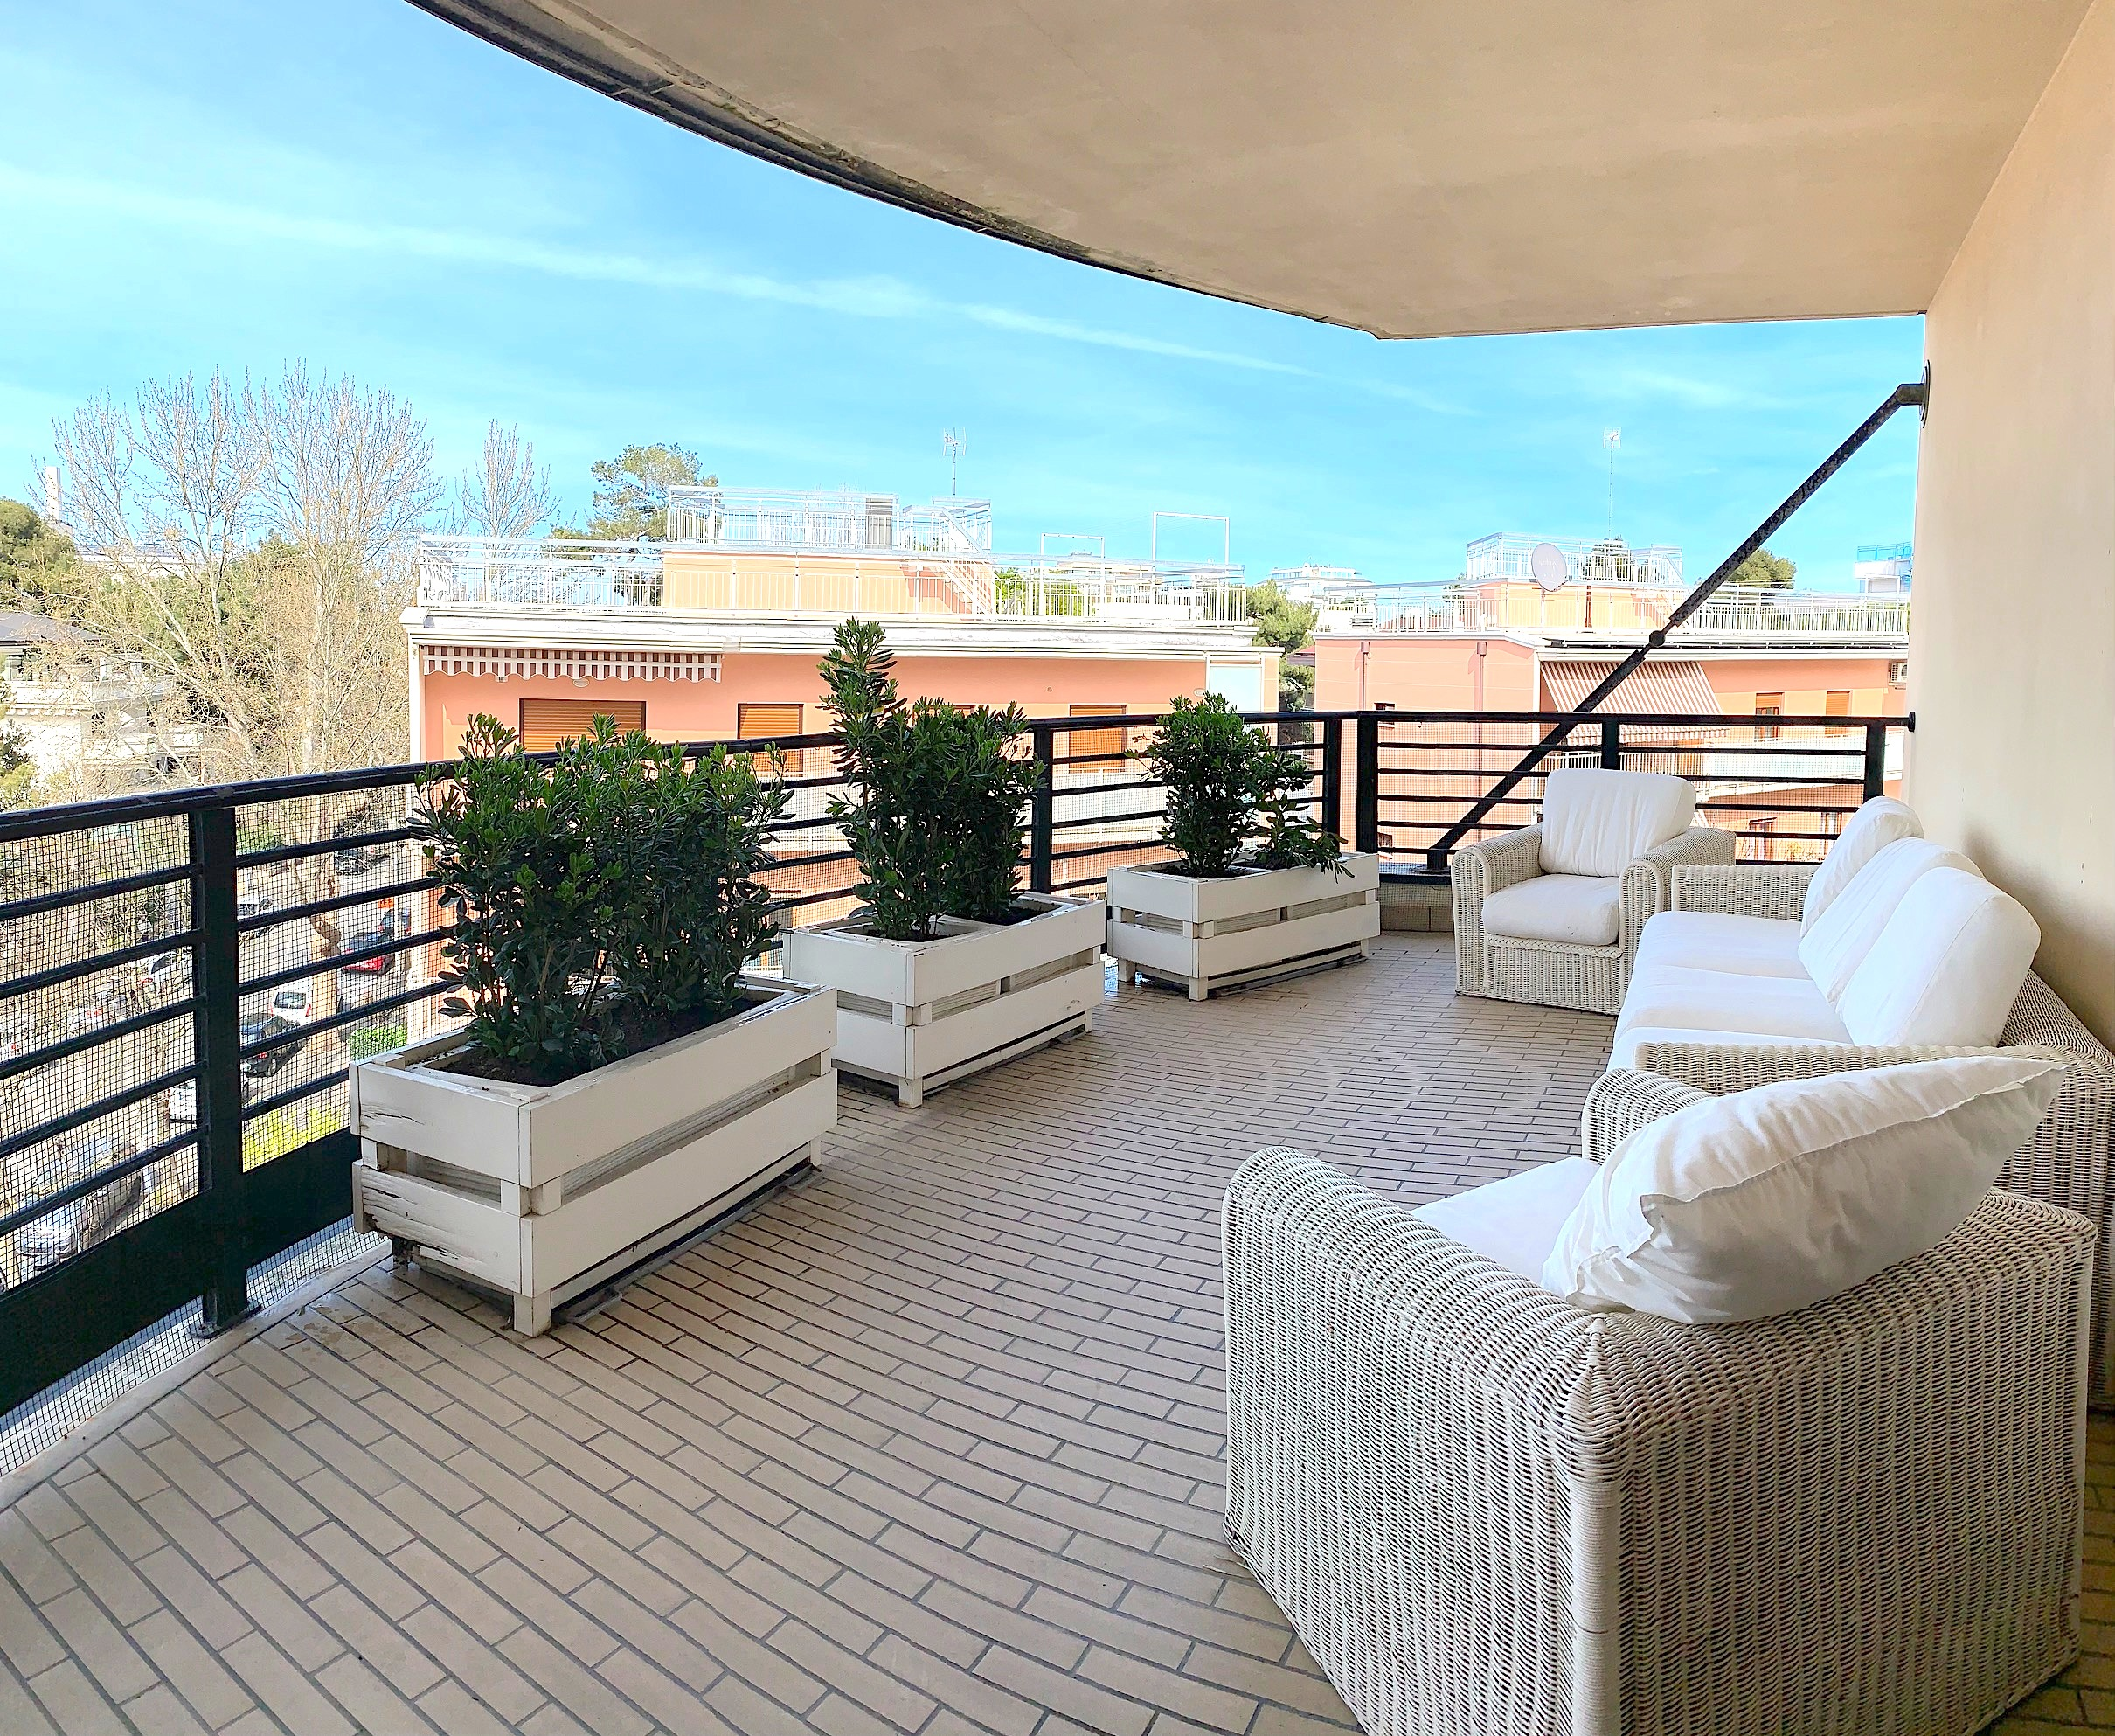 RICCIONE CENTRO/ABISSINIA, Appartamento in vendita con ampio terrazzo